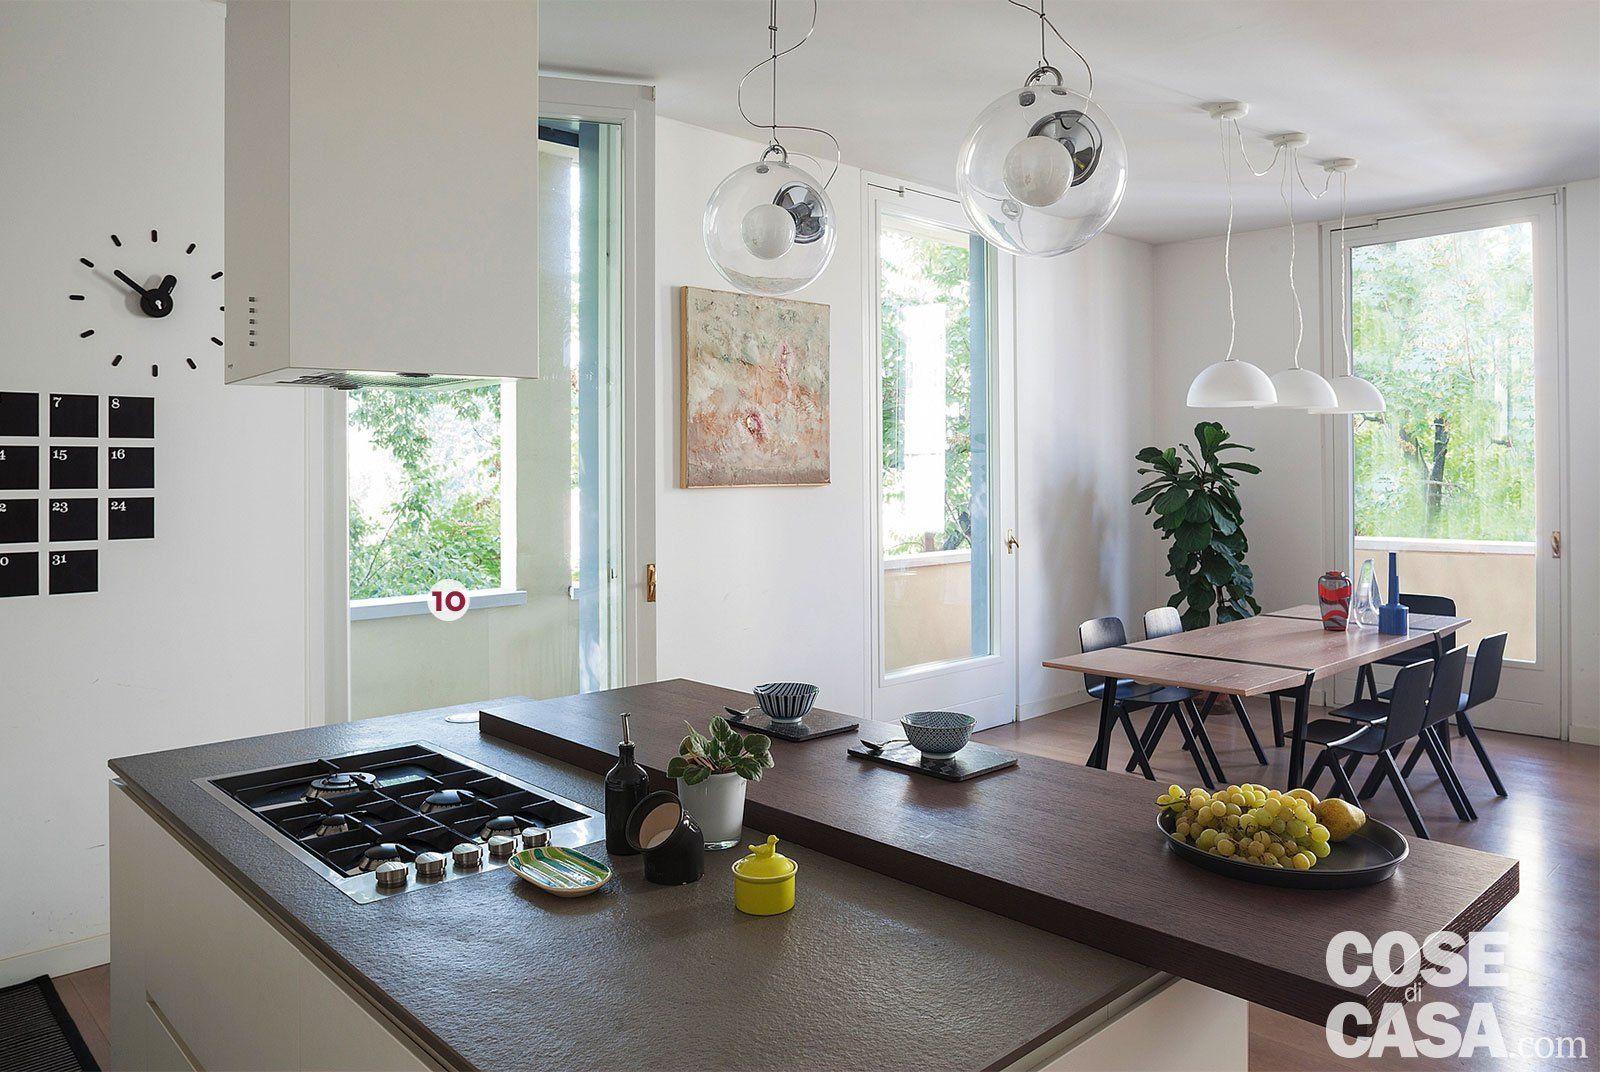 Cucina Soggiorno Stretta E Lunga una casa con il soggiorno open space che diventa più grande